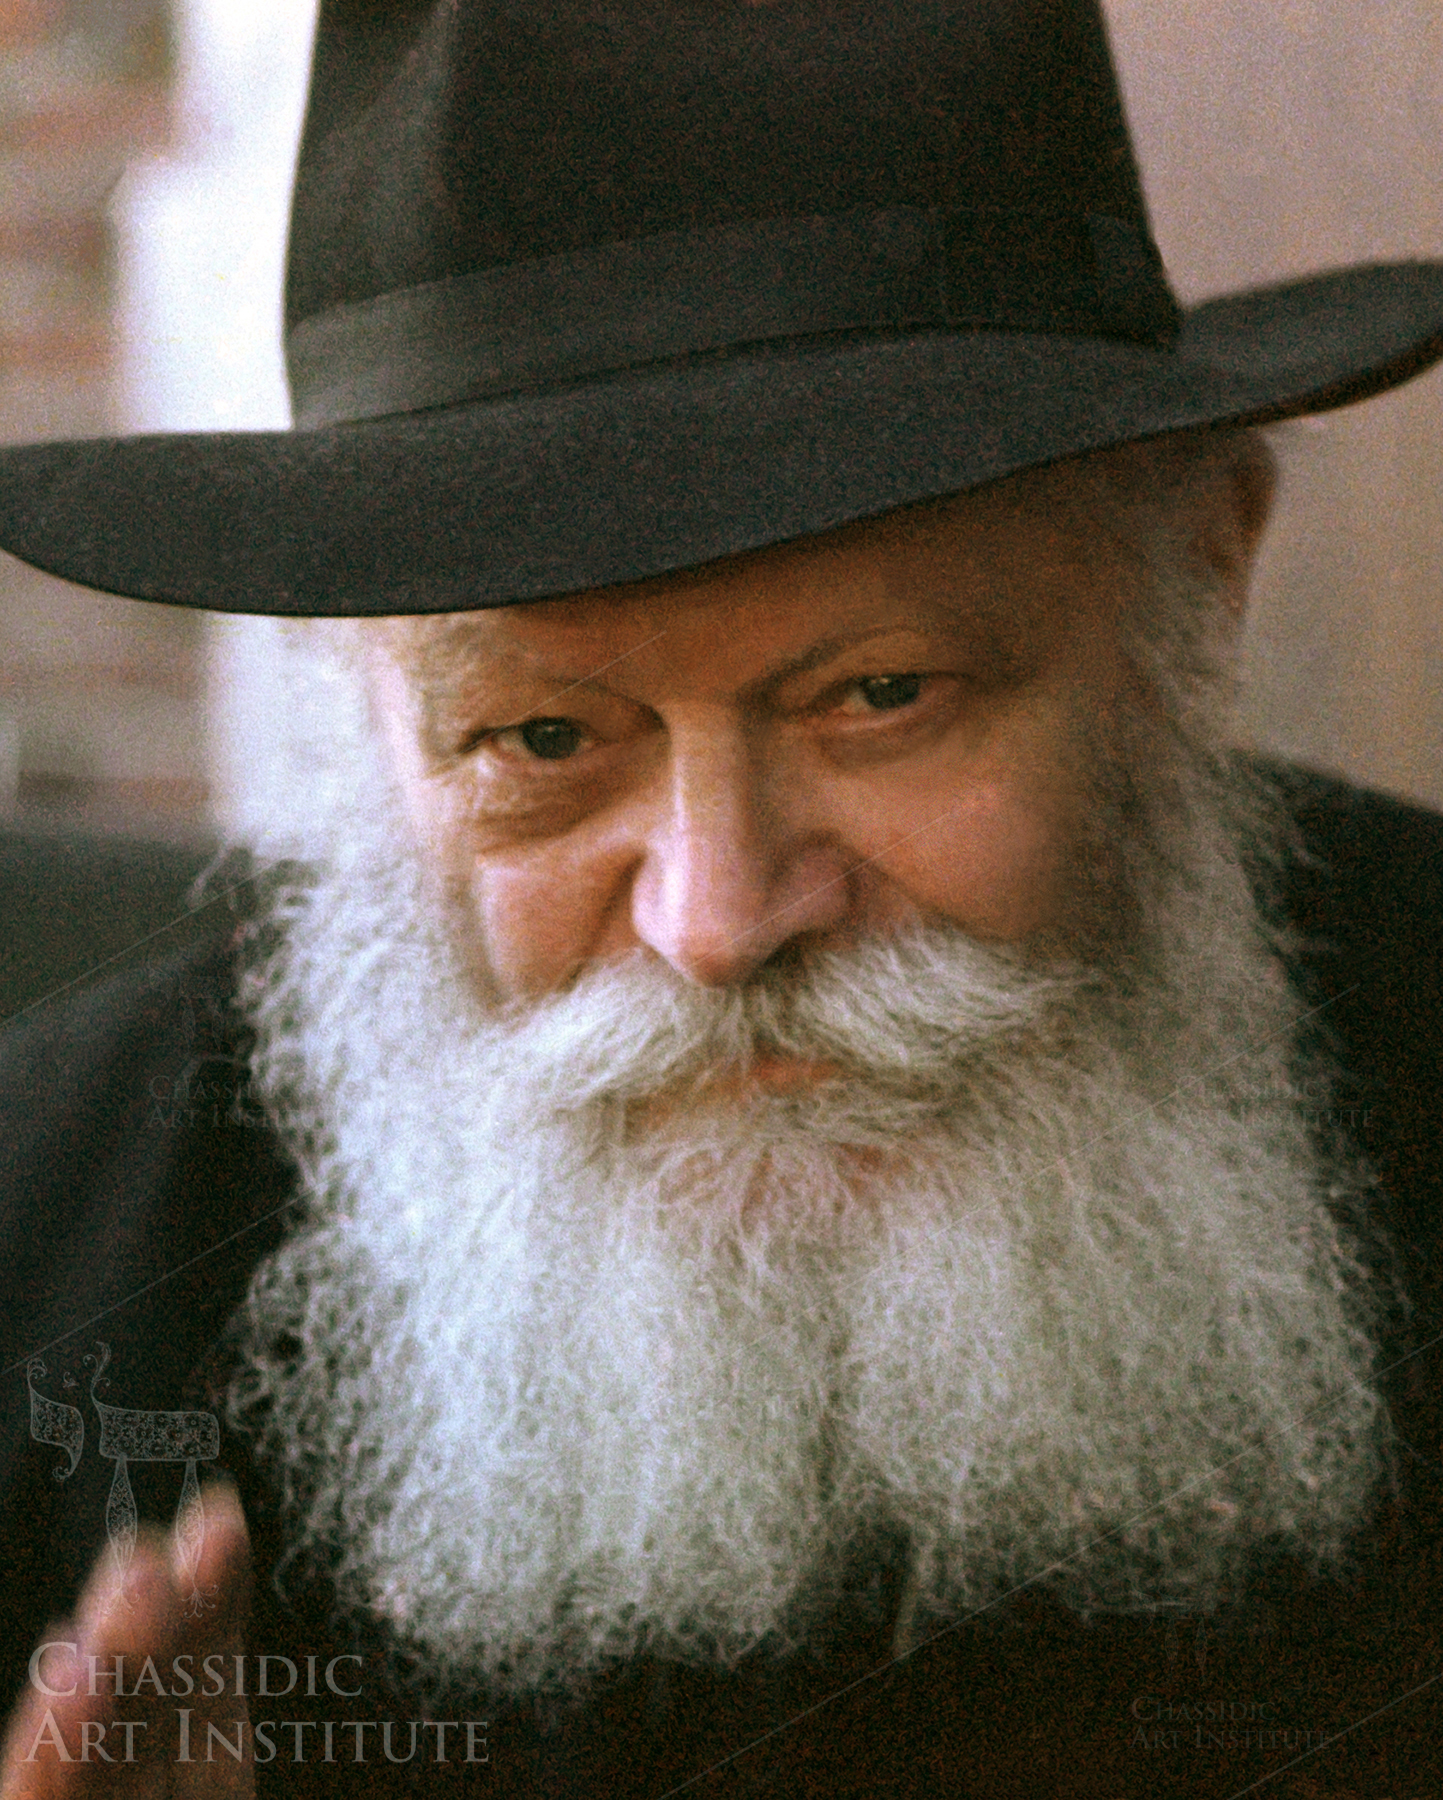 #6 - NY Times Rebbe